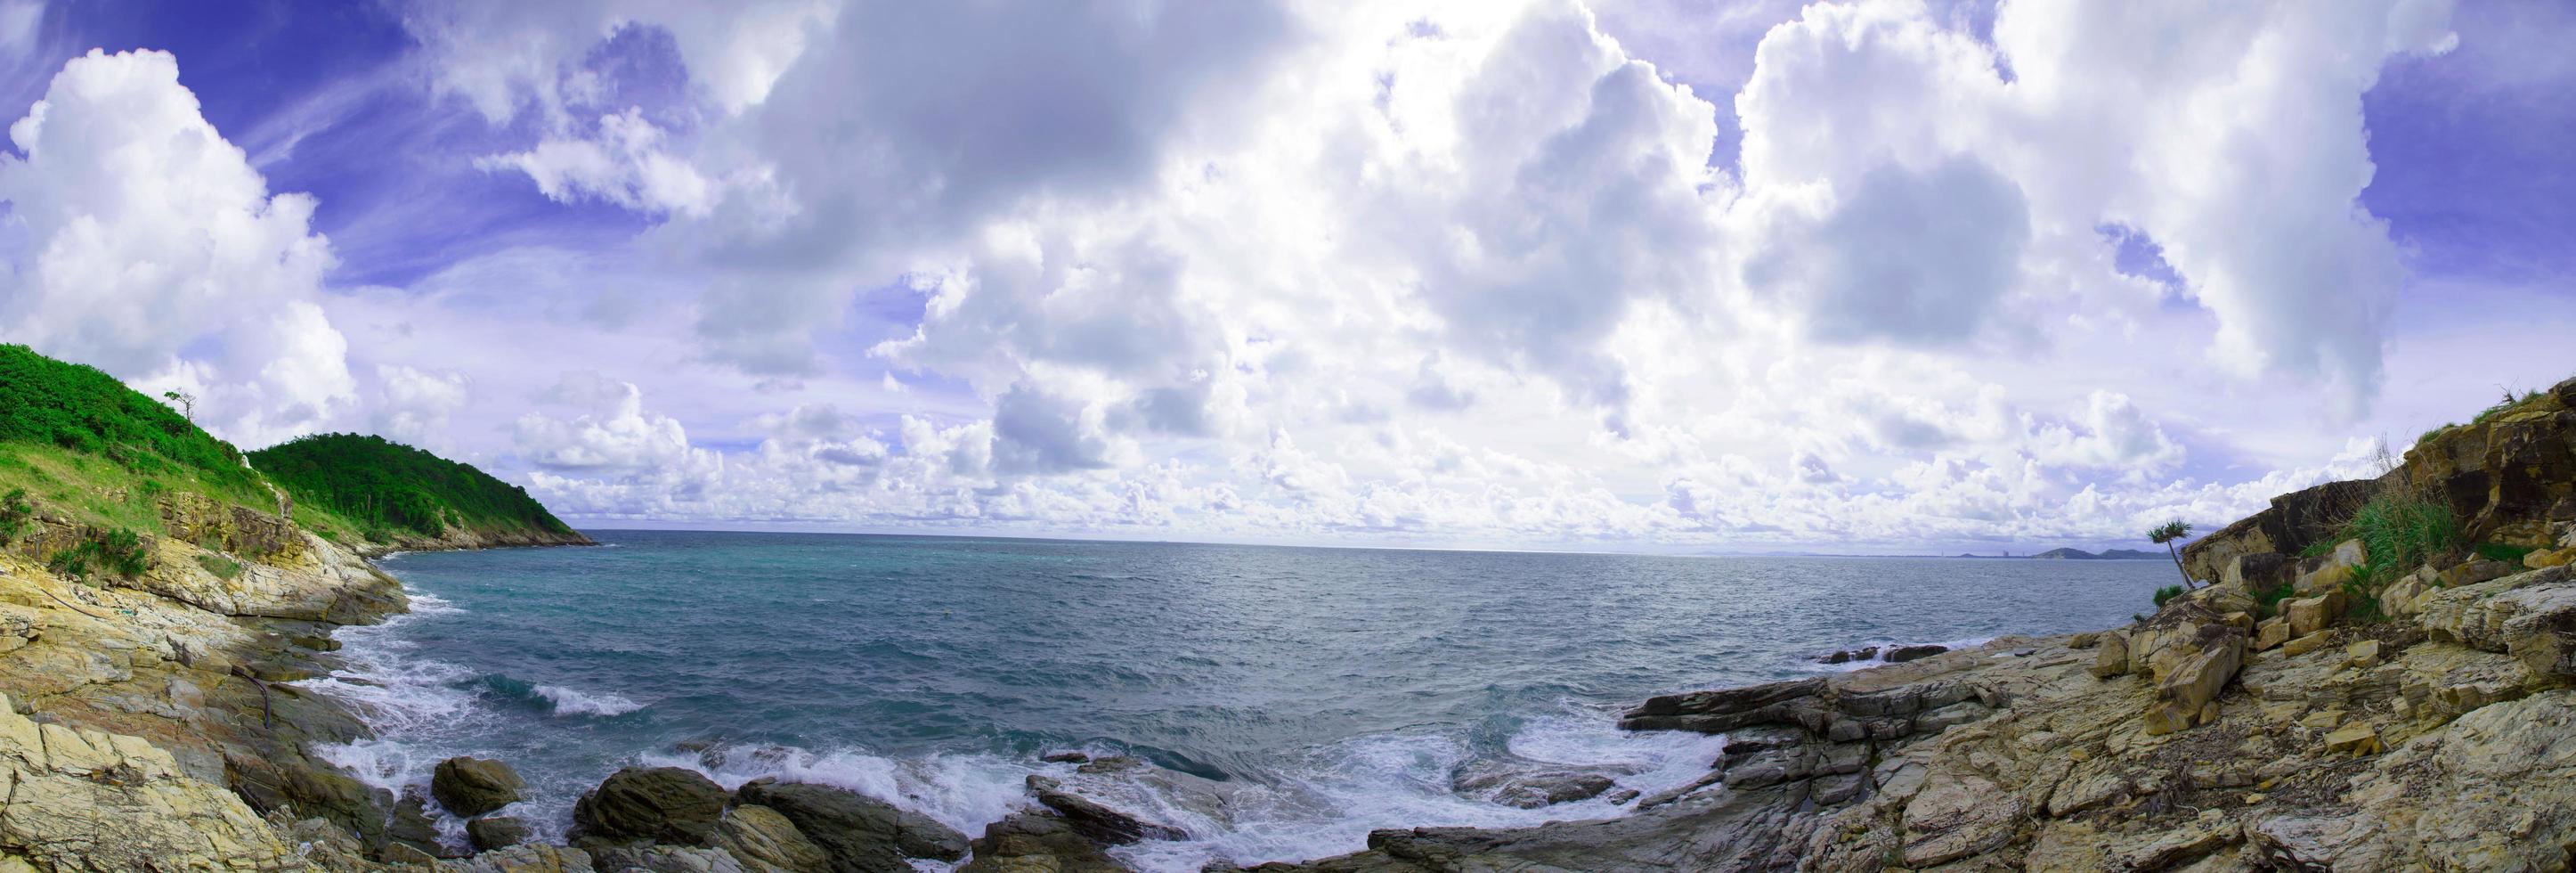 panorama de una bahía y playa foto